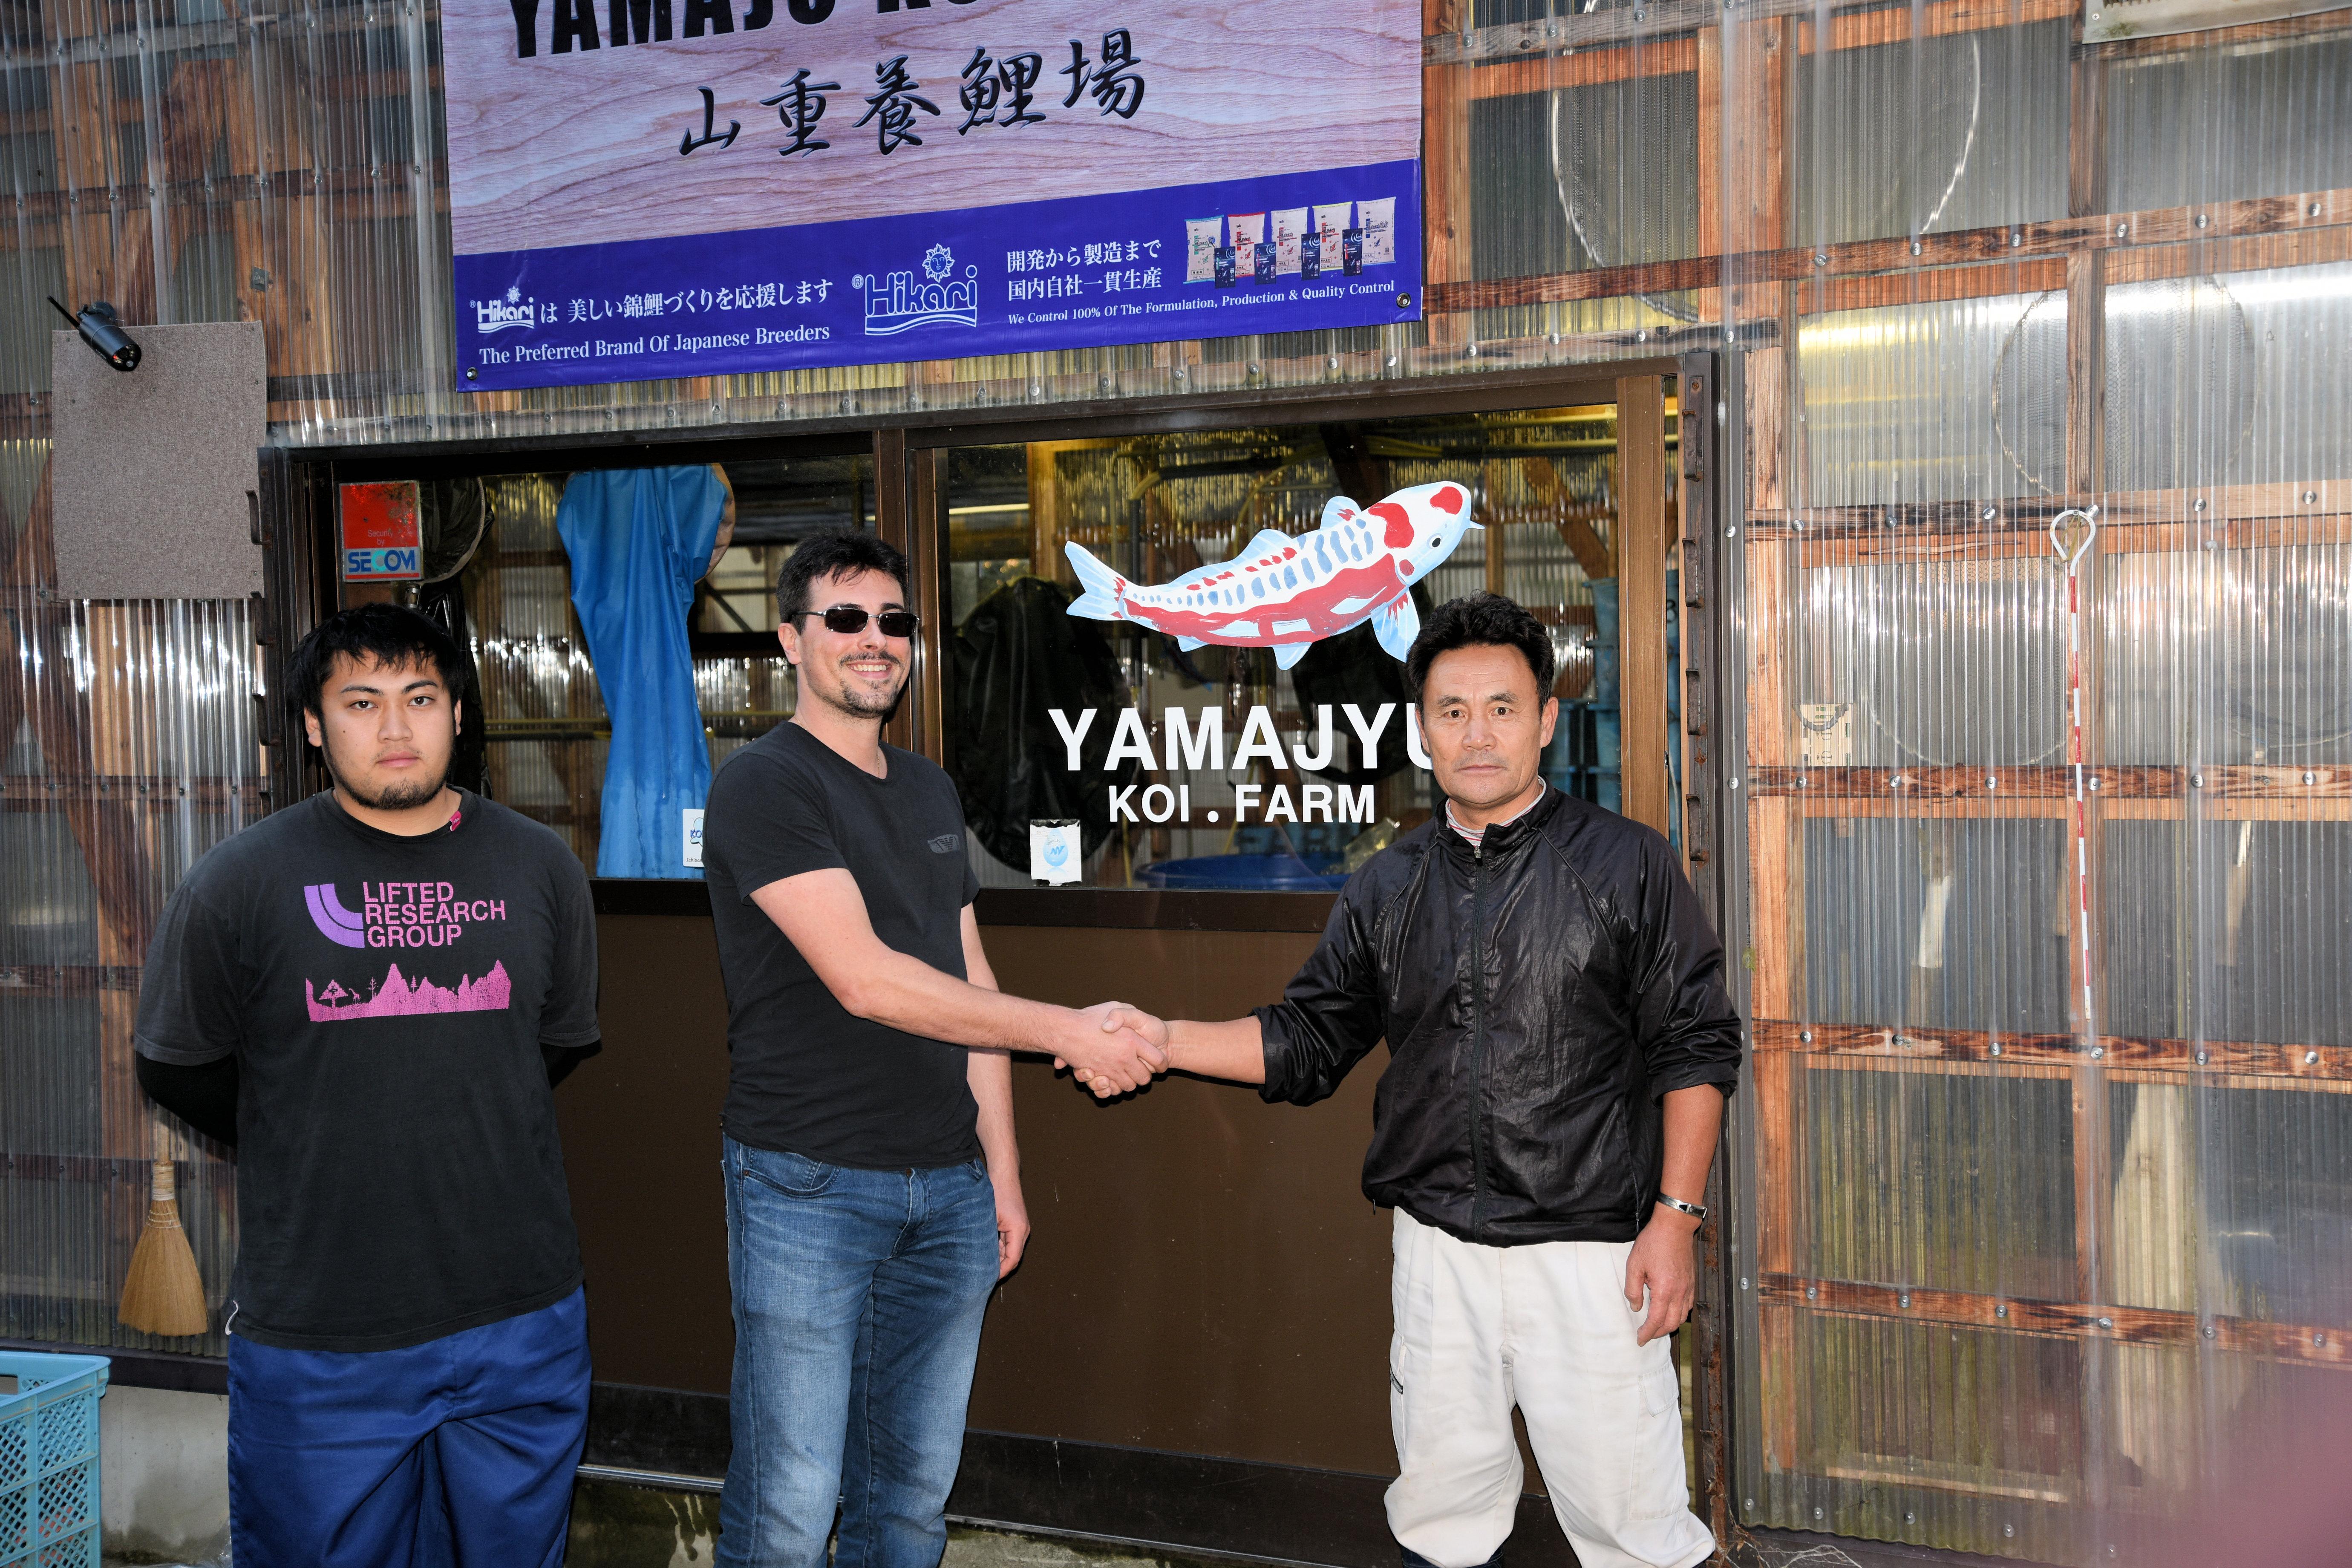 Yamajyu Koi Farm